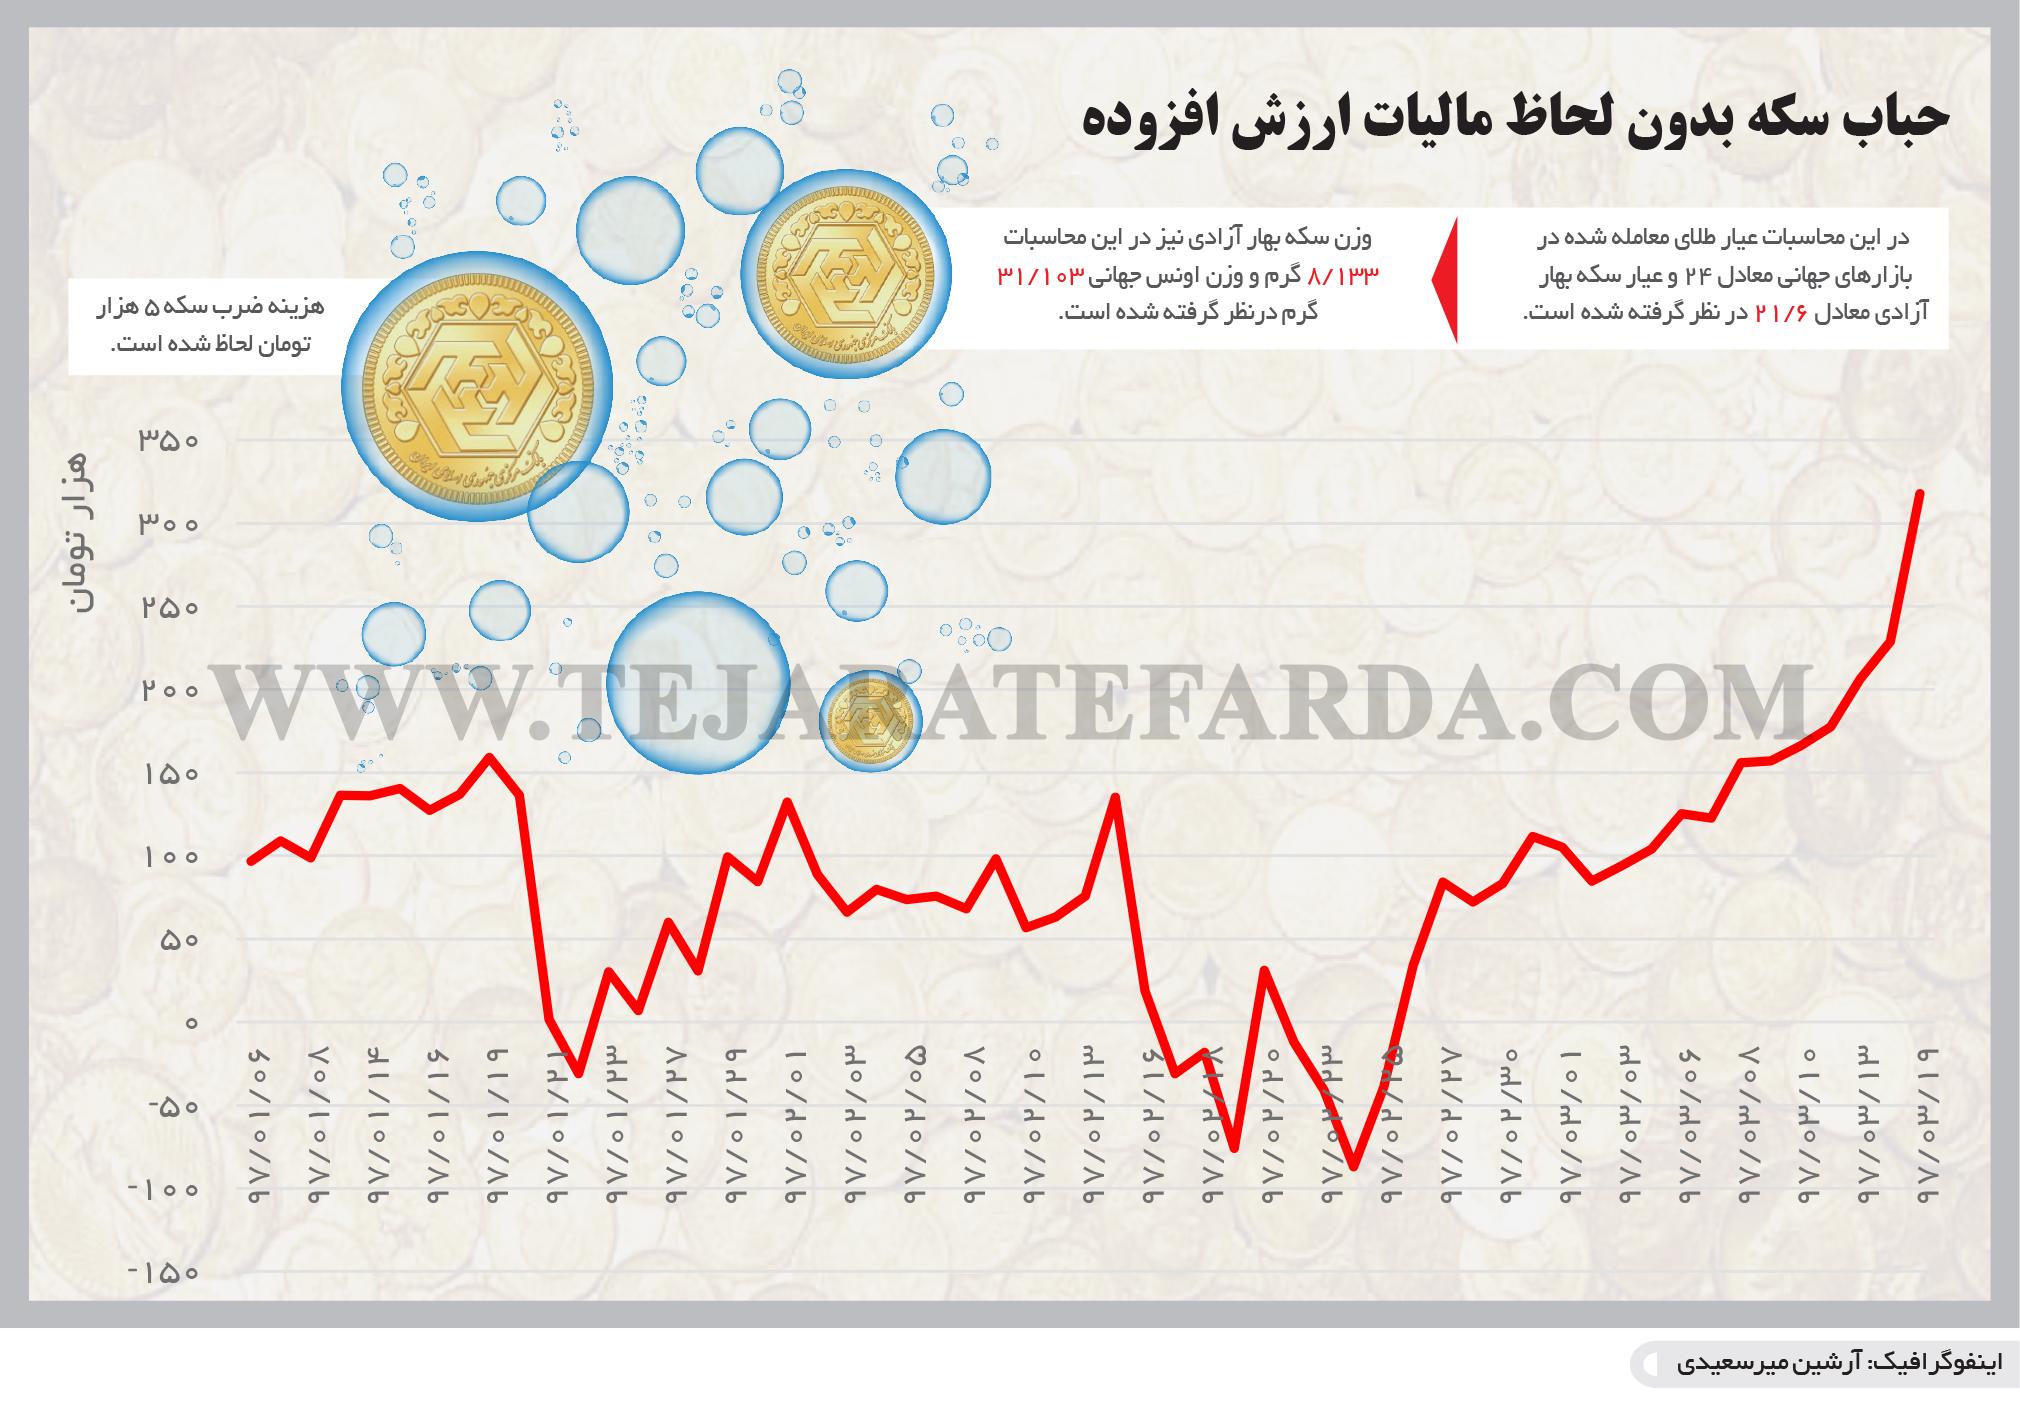 تجارت فردا- اینفوگرافیک- حباب سکه بدون لحاظ مالیات ارزش افزوده